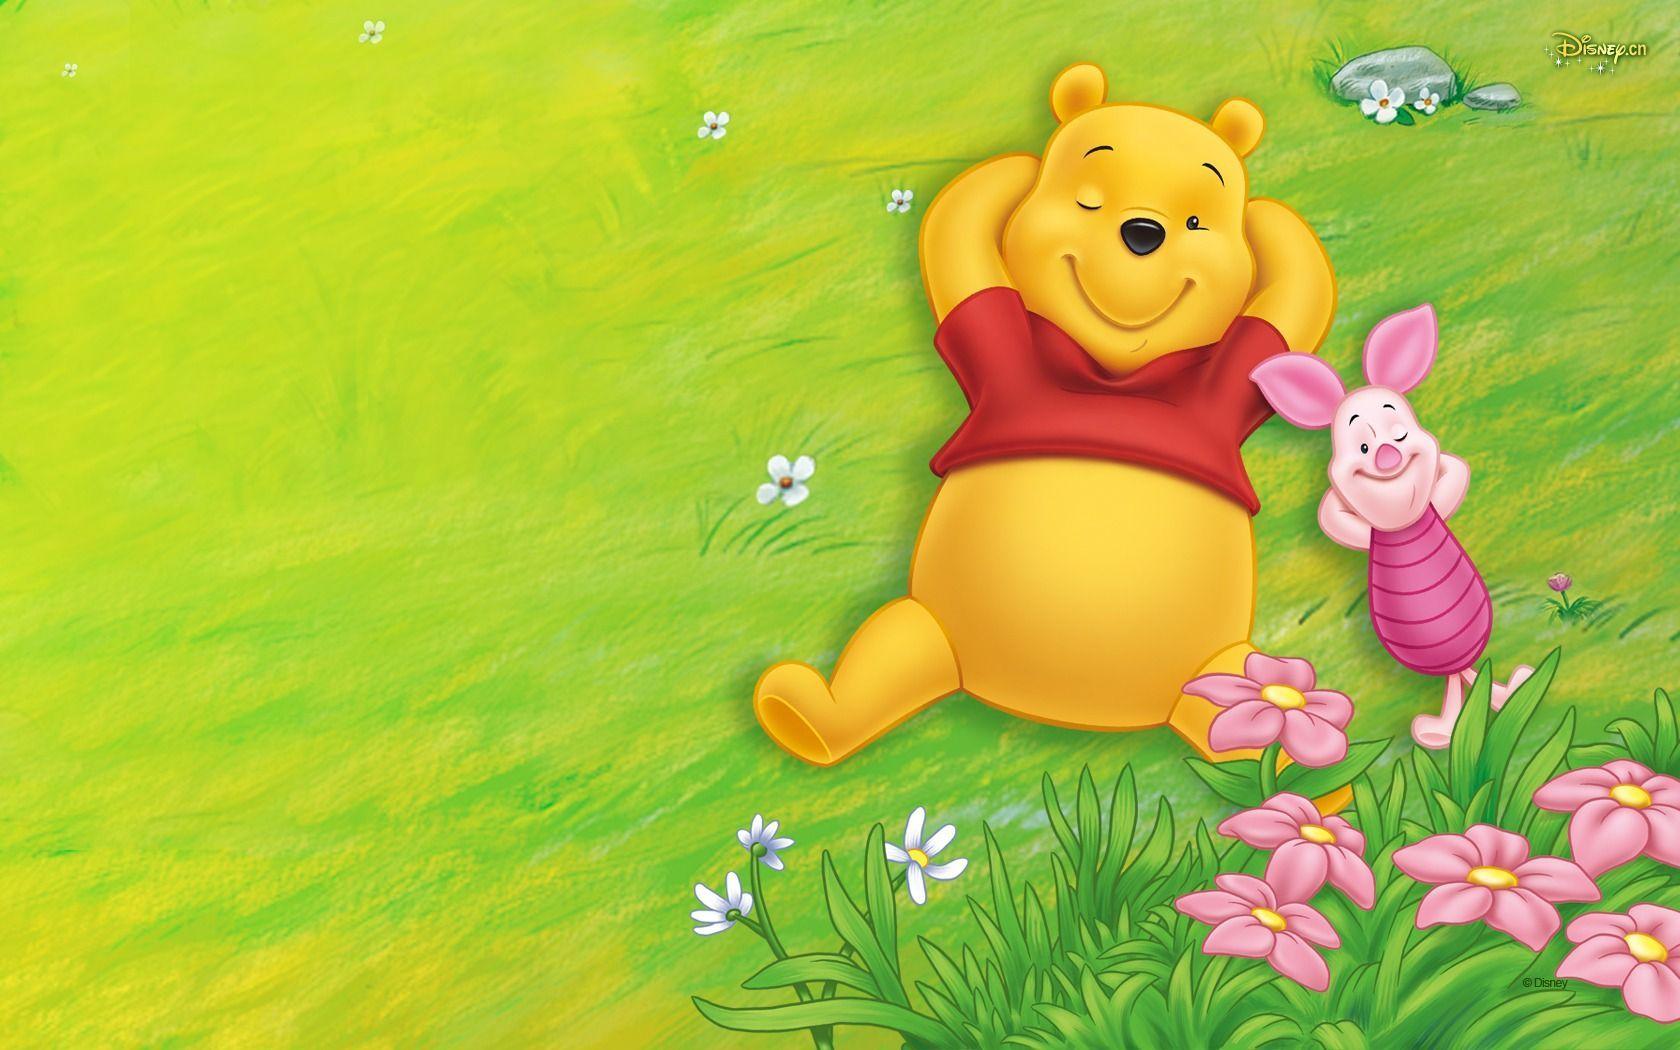 Polonia: bandito Winnie The Pooh, è un cattivo modello